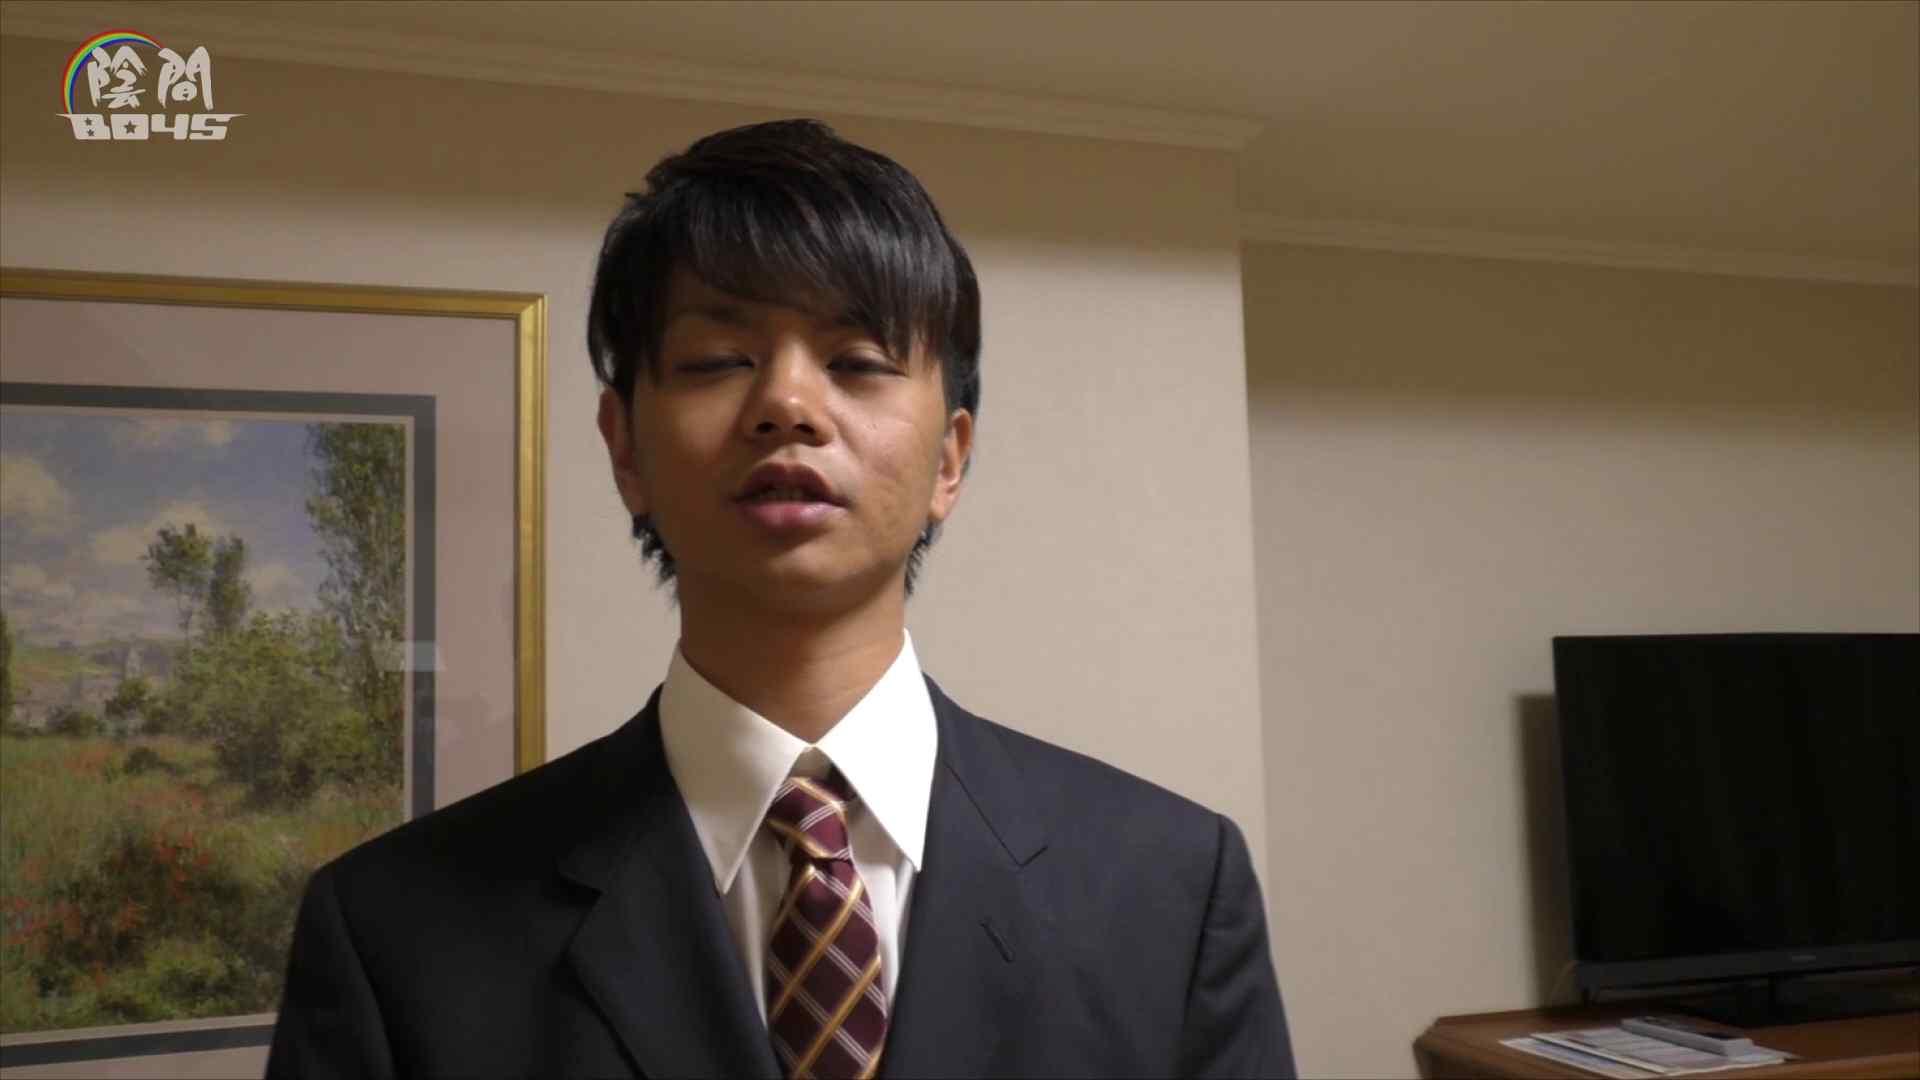 陰間BOYS~キャバクラの仕事はアナルから4 Vol.01 アナル ゲイザーメン画像 82枚 25